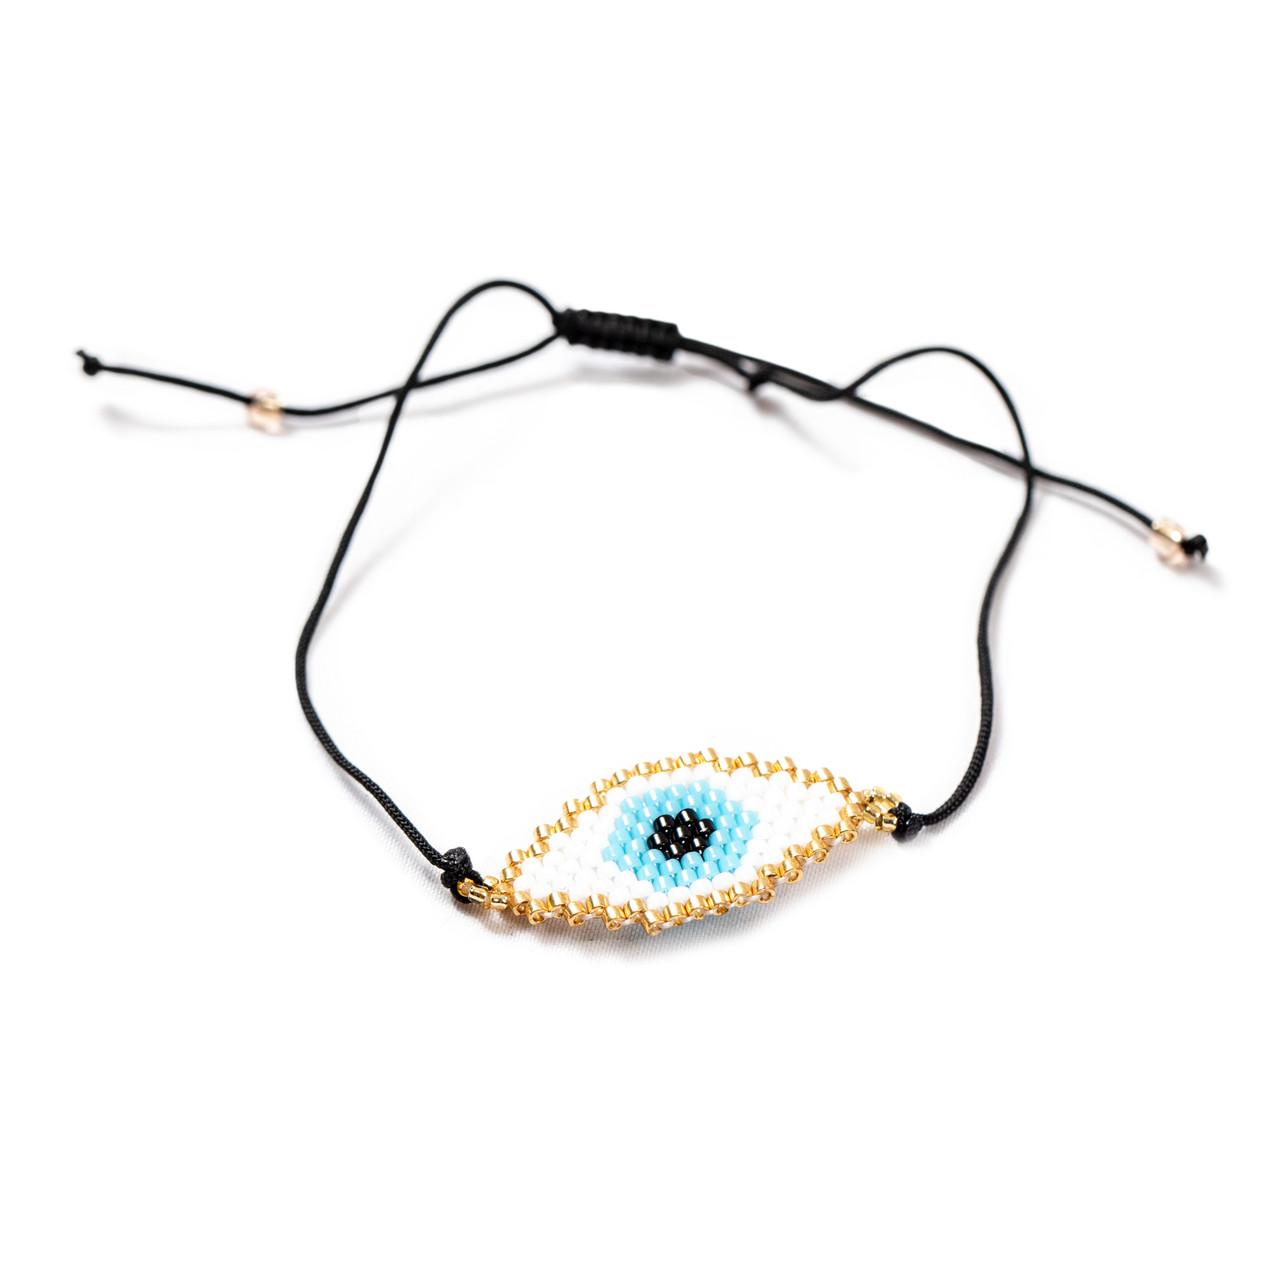 White Evil Eye Beaded Bracelet